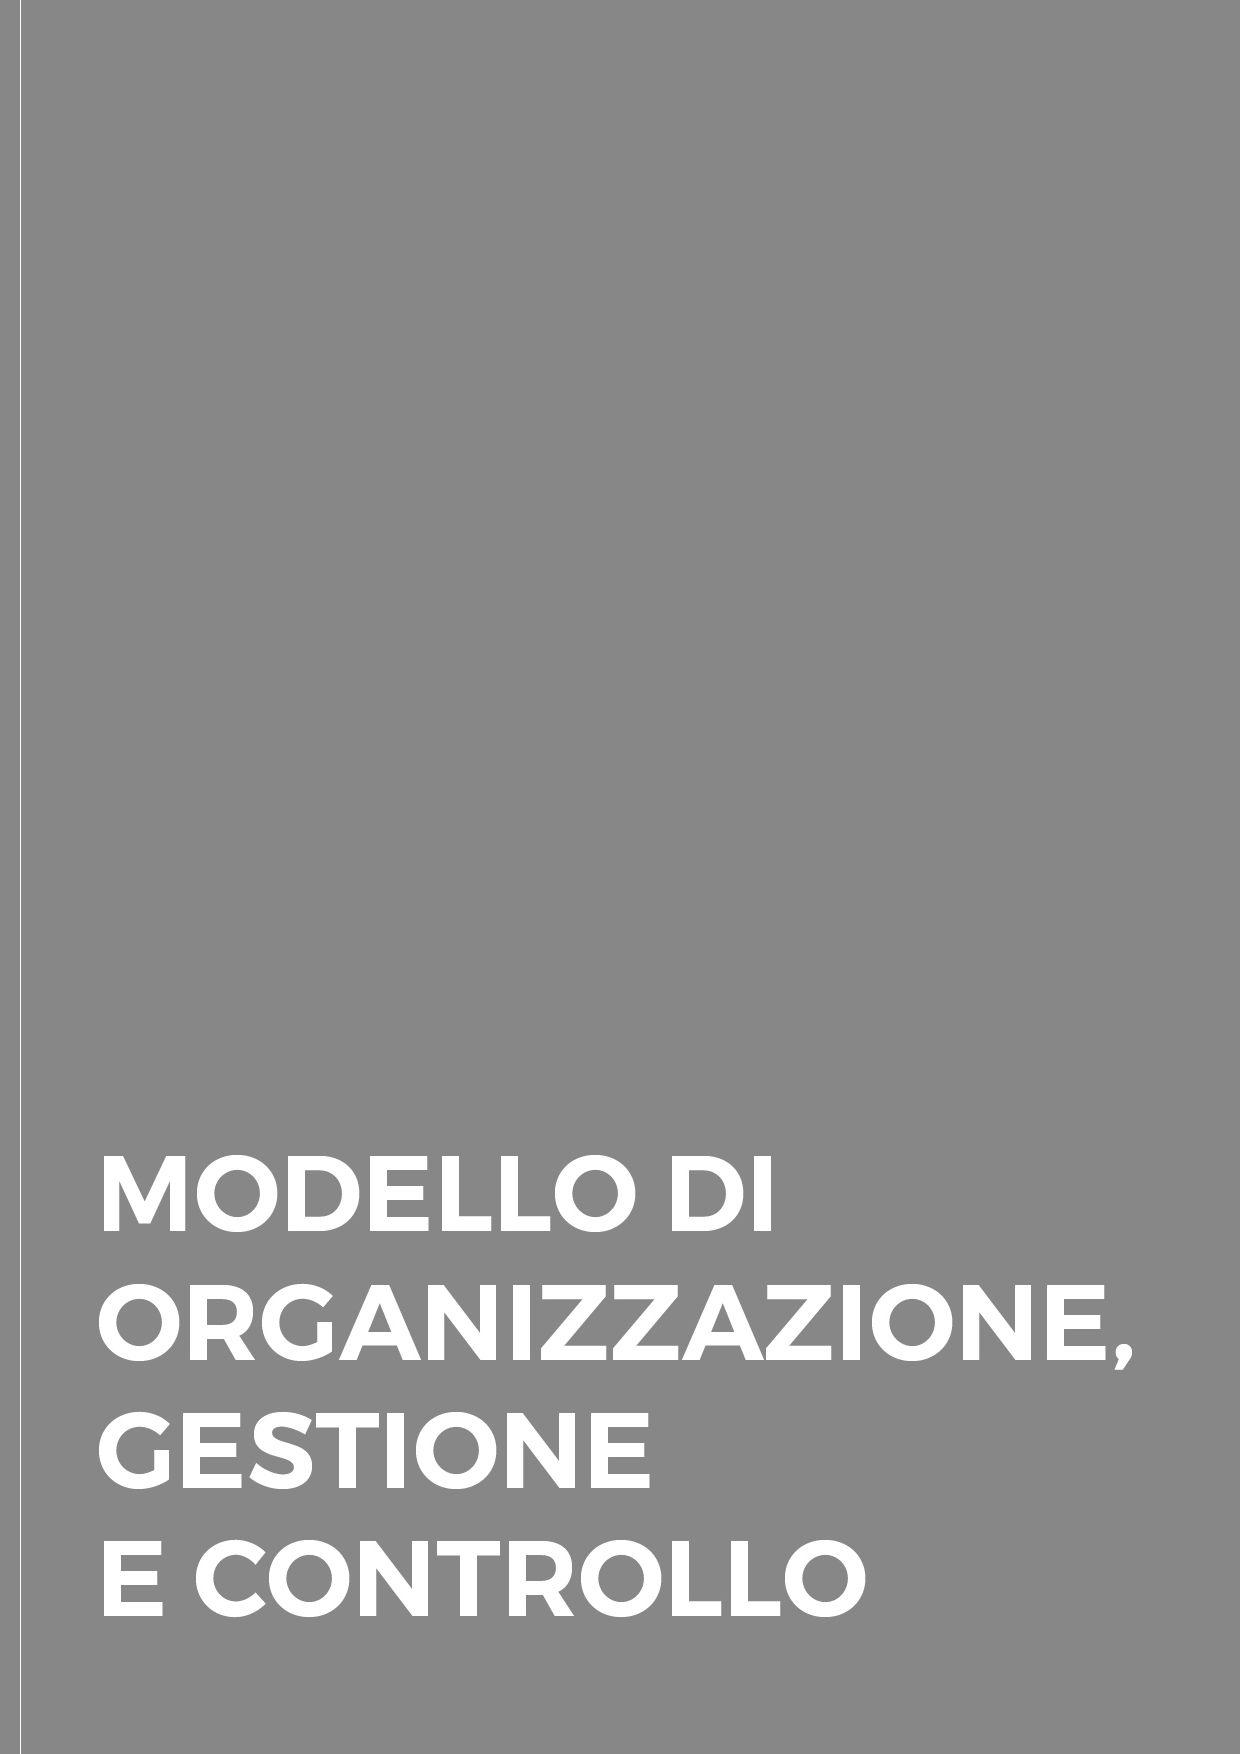 Modello di Organizzazione, Gestione e Controllo - SICILIANI SPA